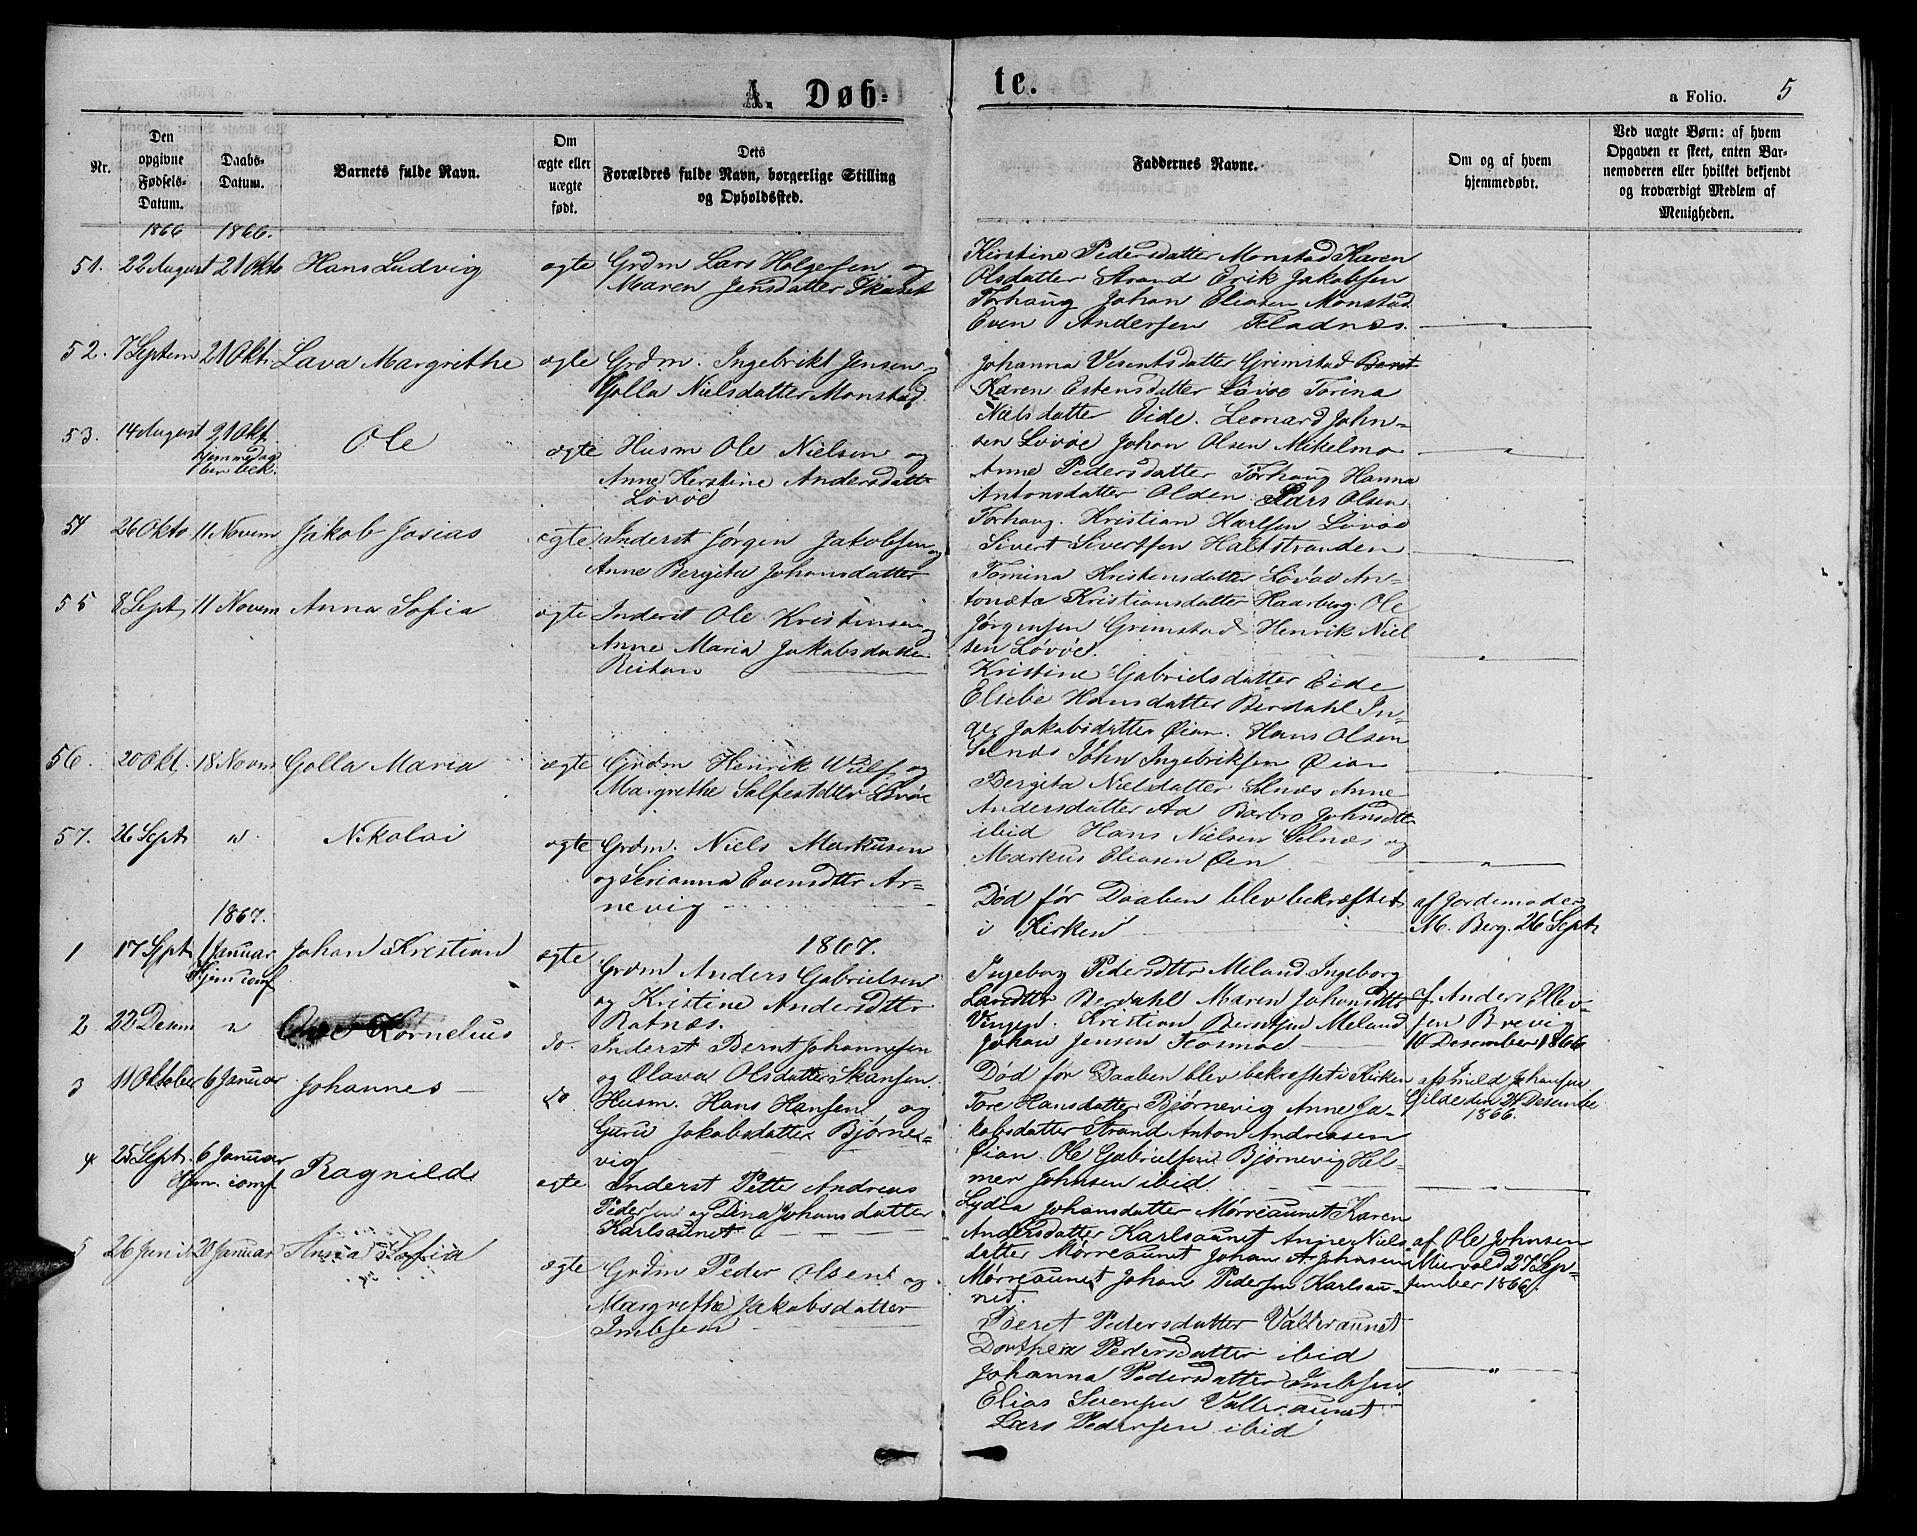 SAT, Ministerialprotokoller, klokkerbøker og fødselsregistre - Sør-Trøndelag, 655/L0686: Klokkerbok nr. 655C02, 1866-1879, s. 5